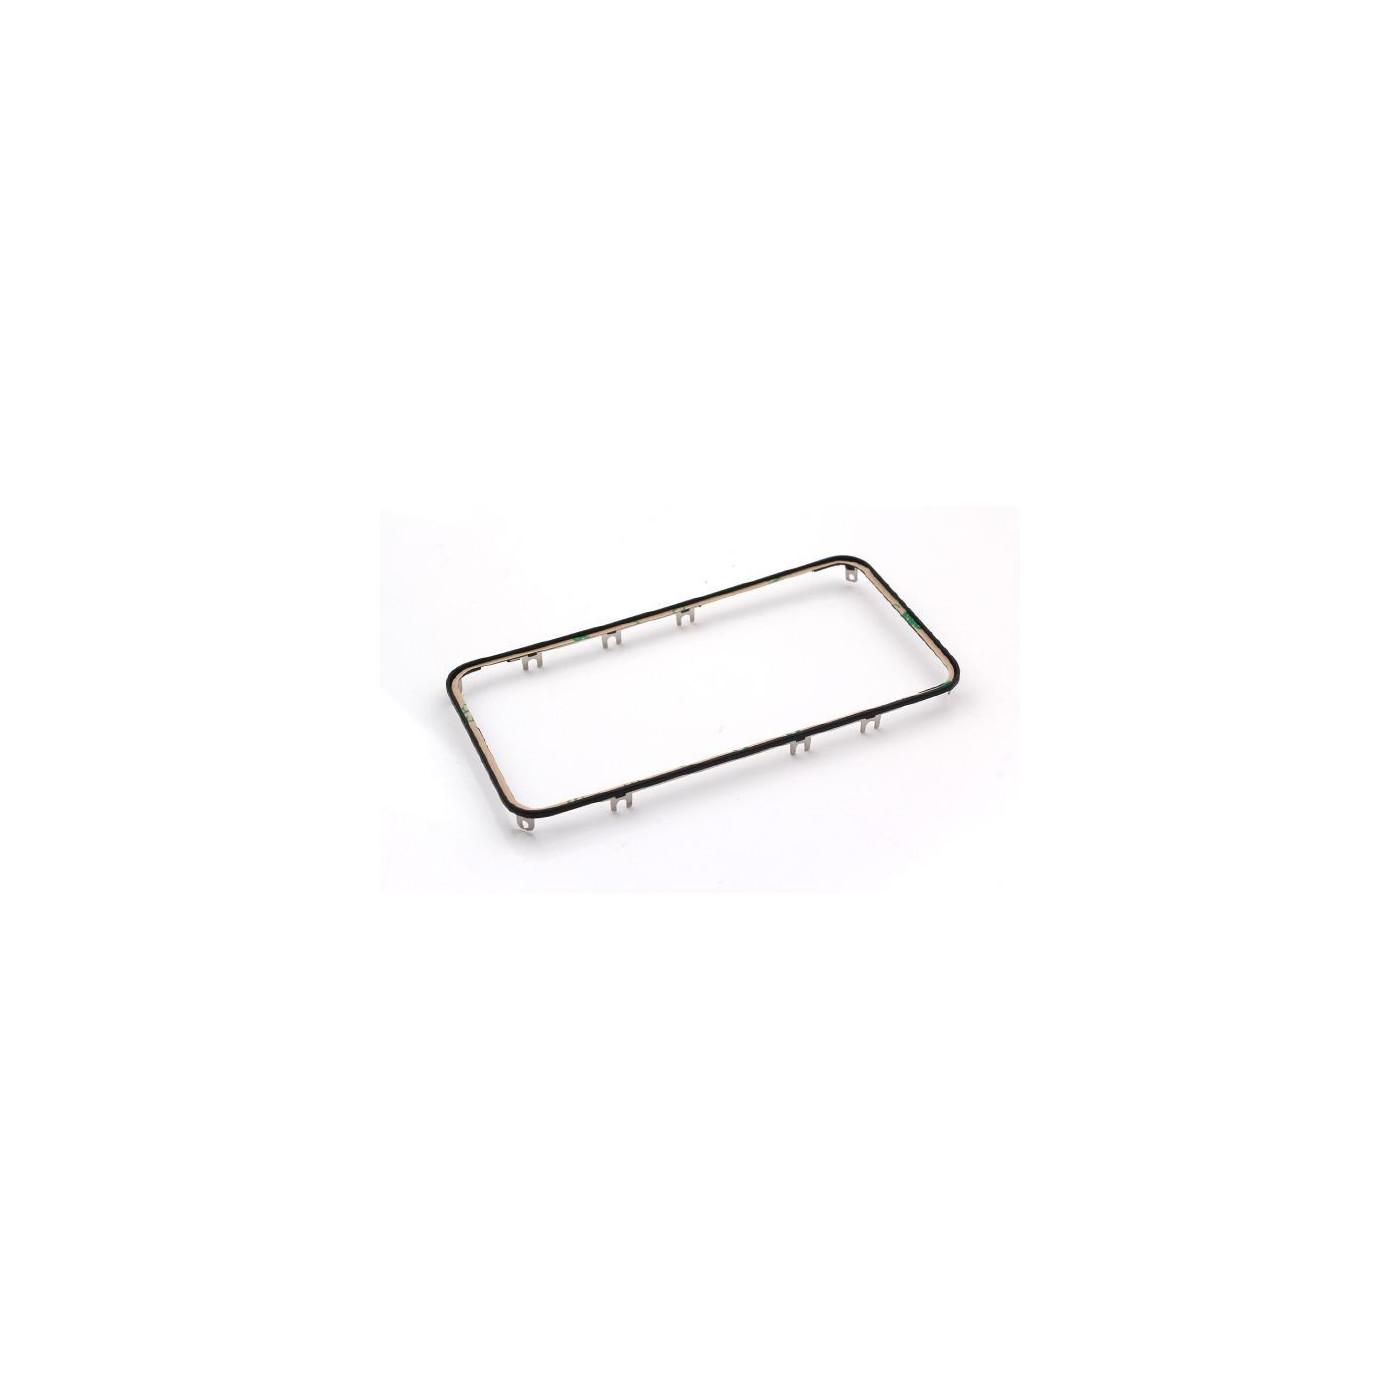 Cadre de numériseur de cadre pour iphone 4s noir avec autocollant